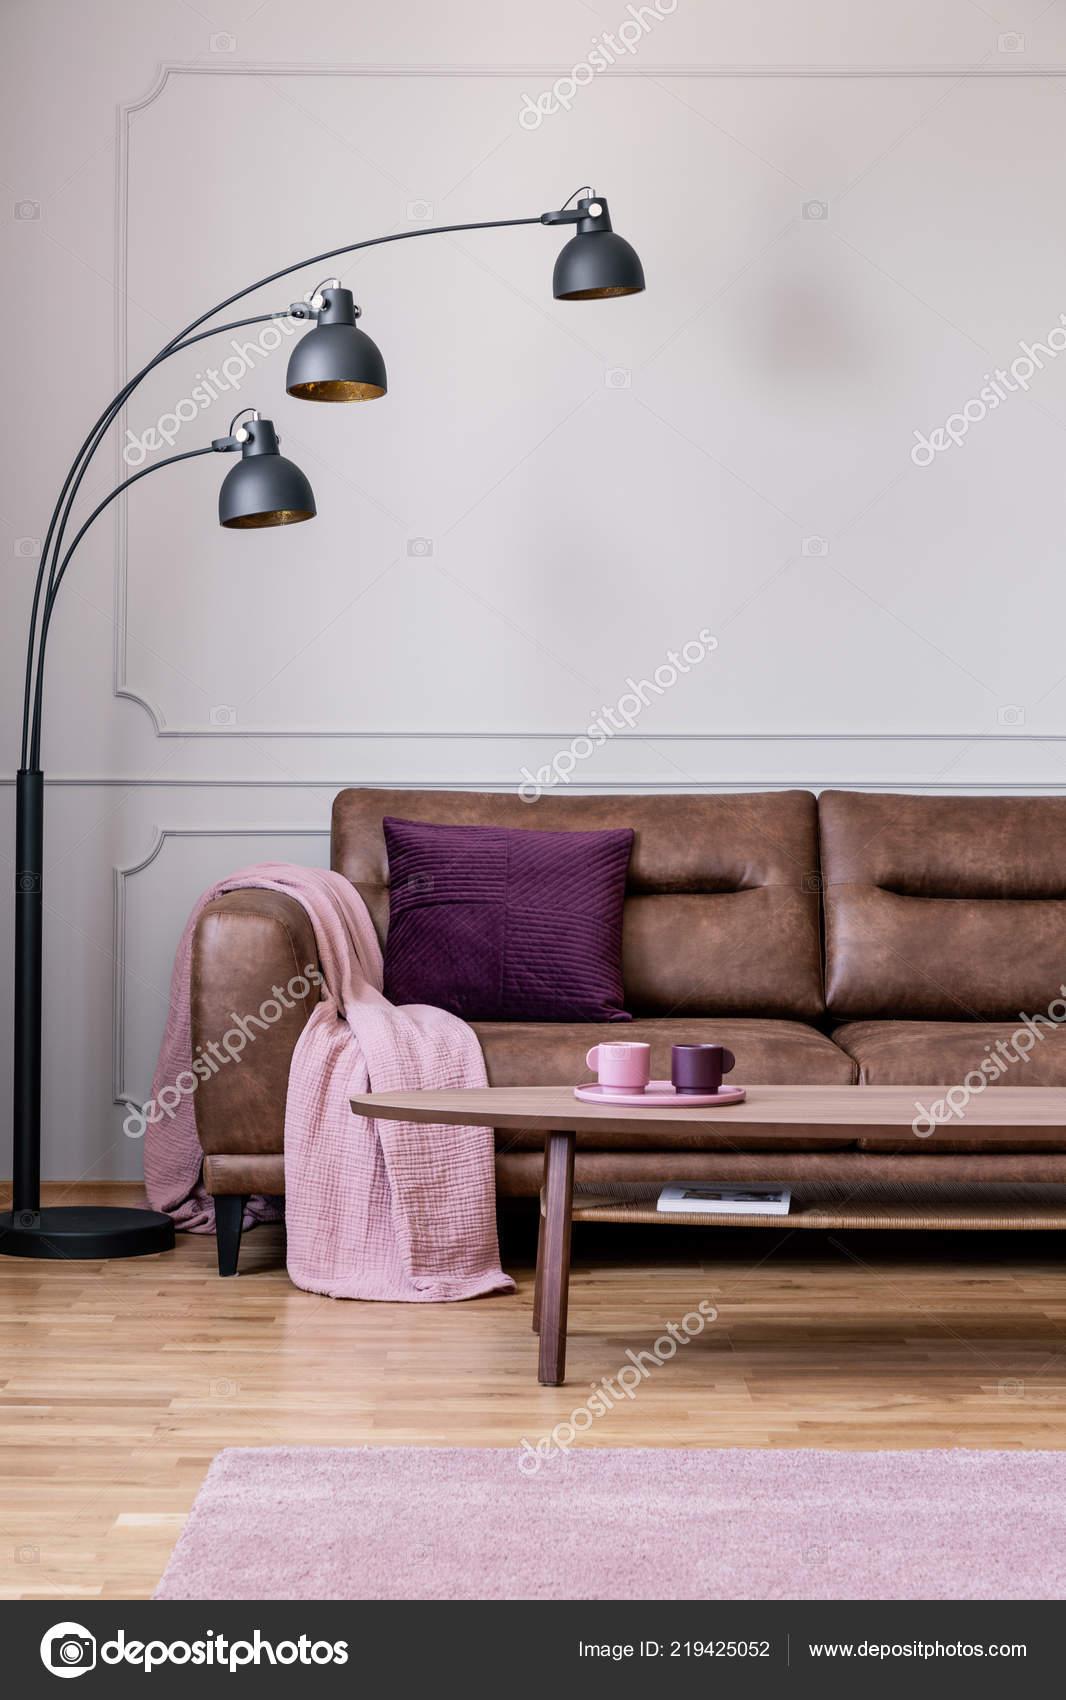 Pink Blanket White Living Room Interior